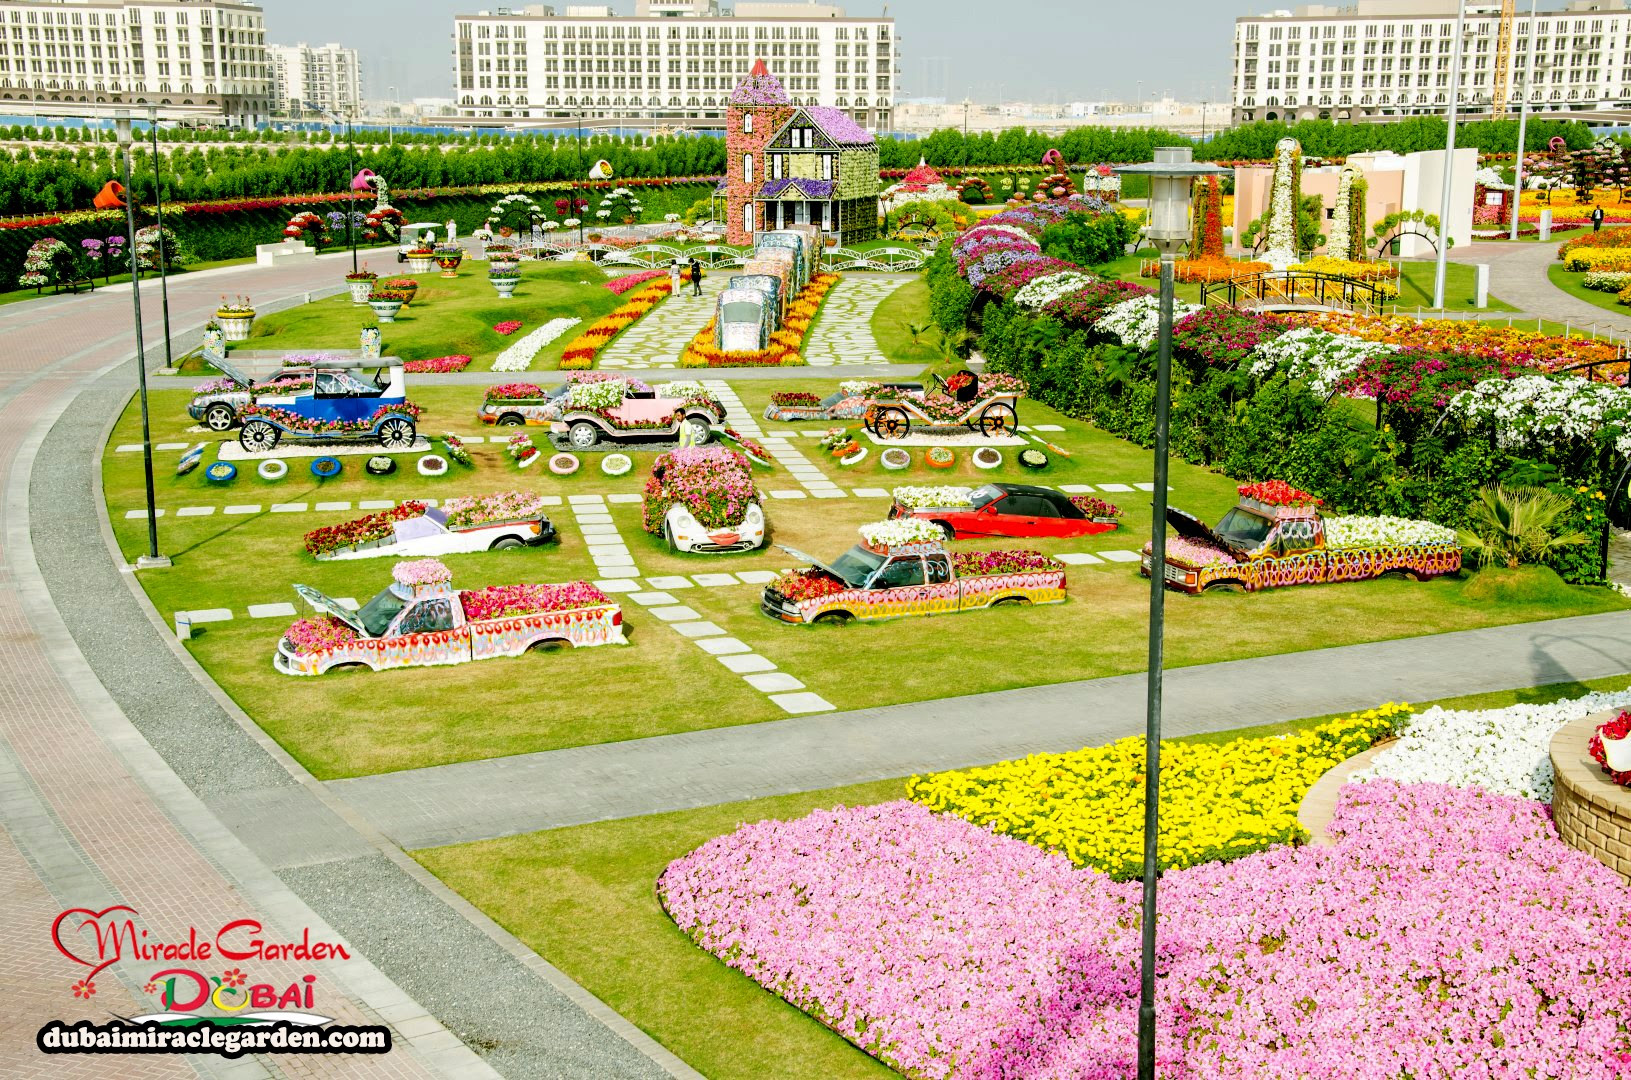 Dubai Miracle Garden 21